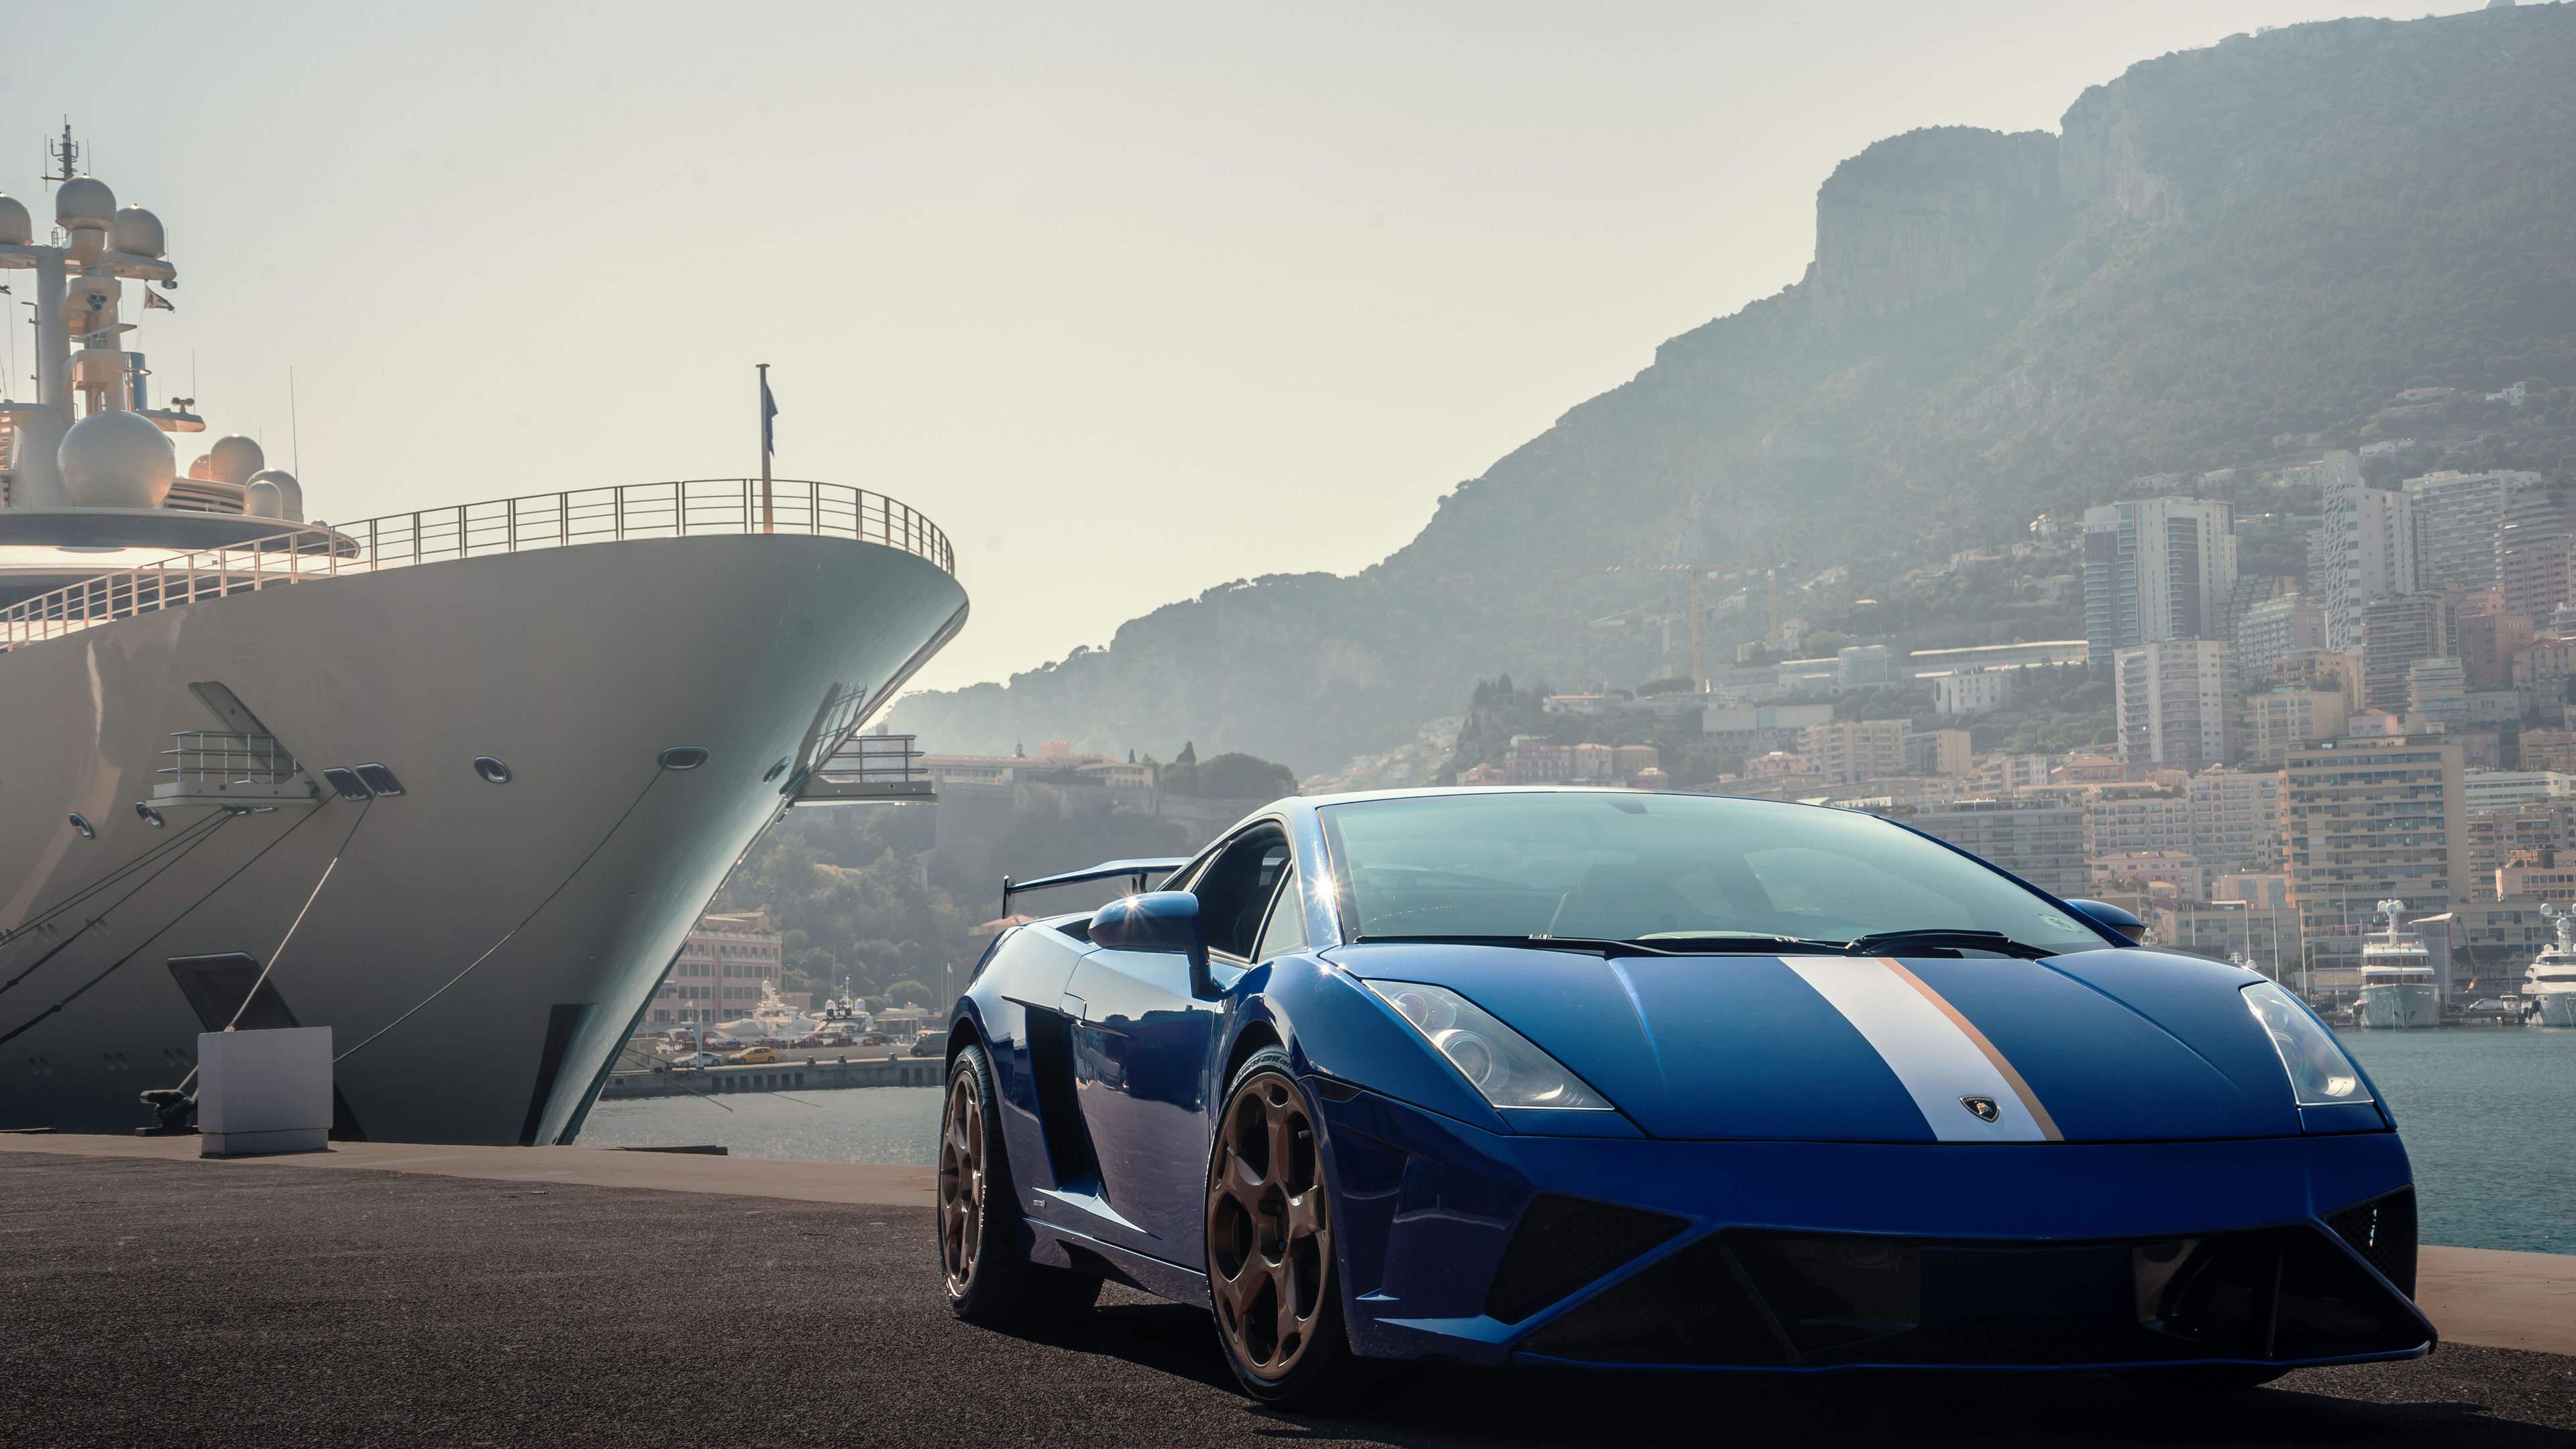 Lamborghini Supercar 4k lamborghini wallpapers, hd ...